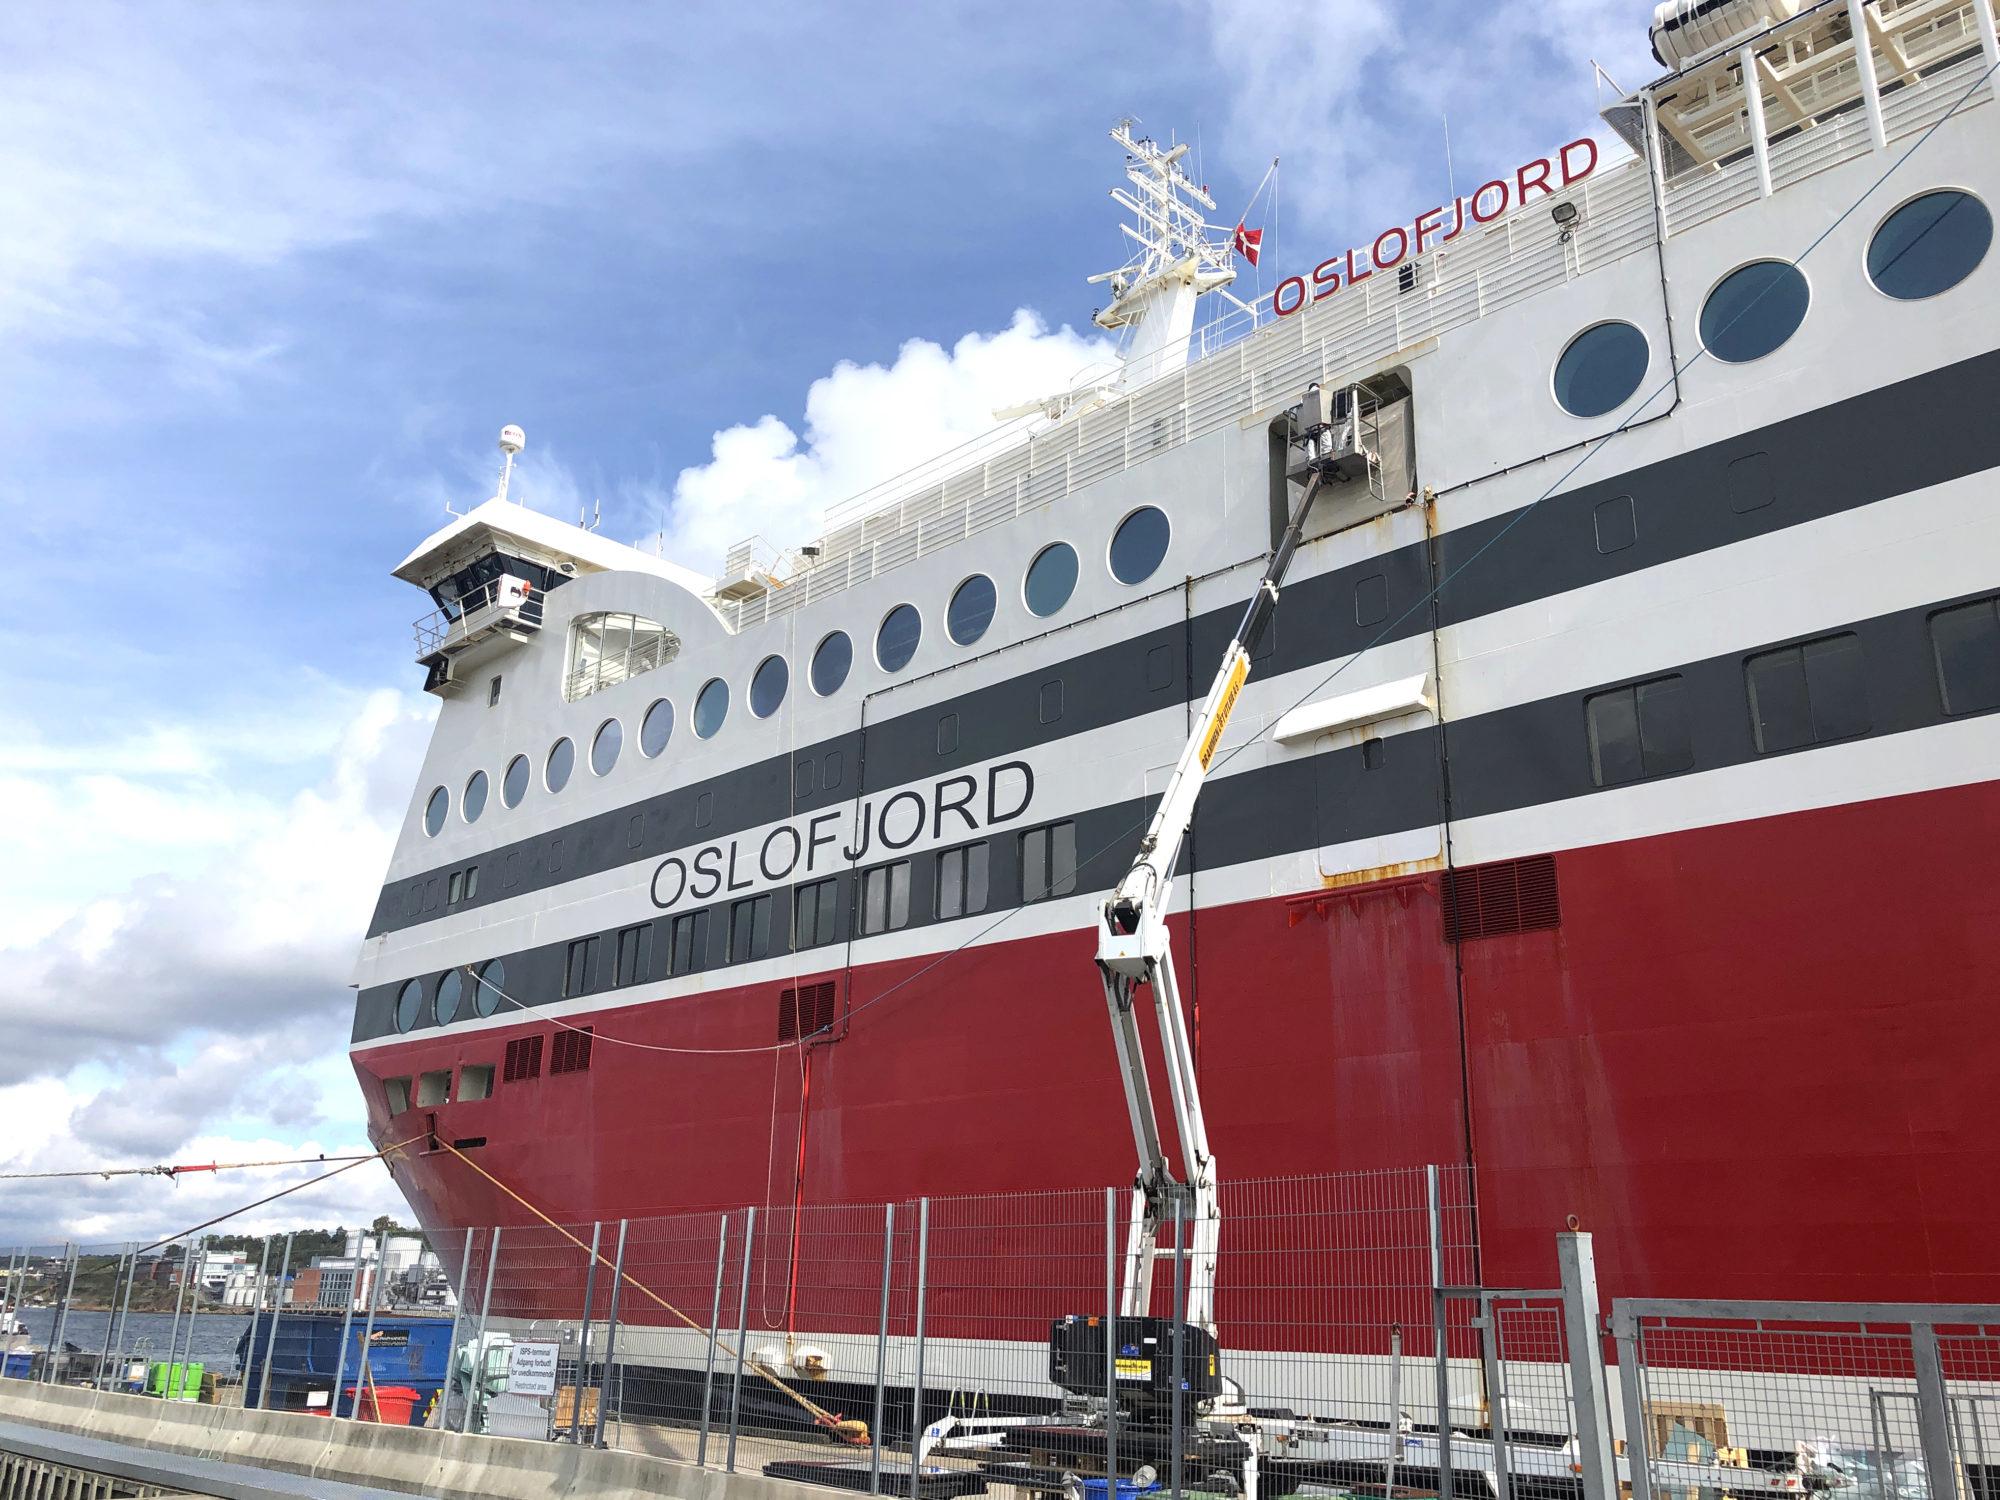 Korona-fast. MS Osjofjord ligger koronafast ved Thorøya i Sandefjord. Med unntak av et par uker mellom Langesund og Hirtshals i juni, har hun ligget der siden midten av mars. Foto: Fjord Line